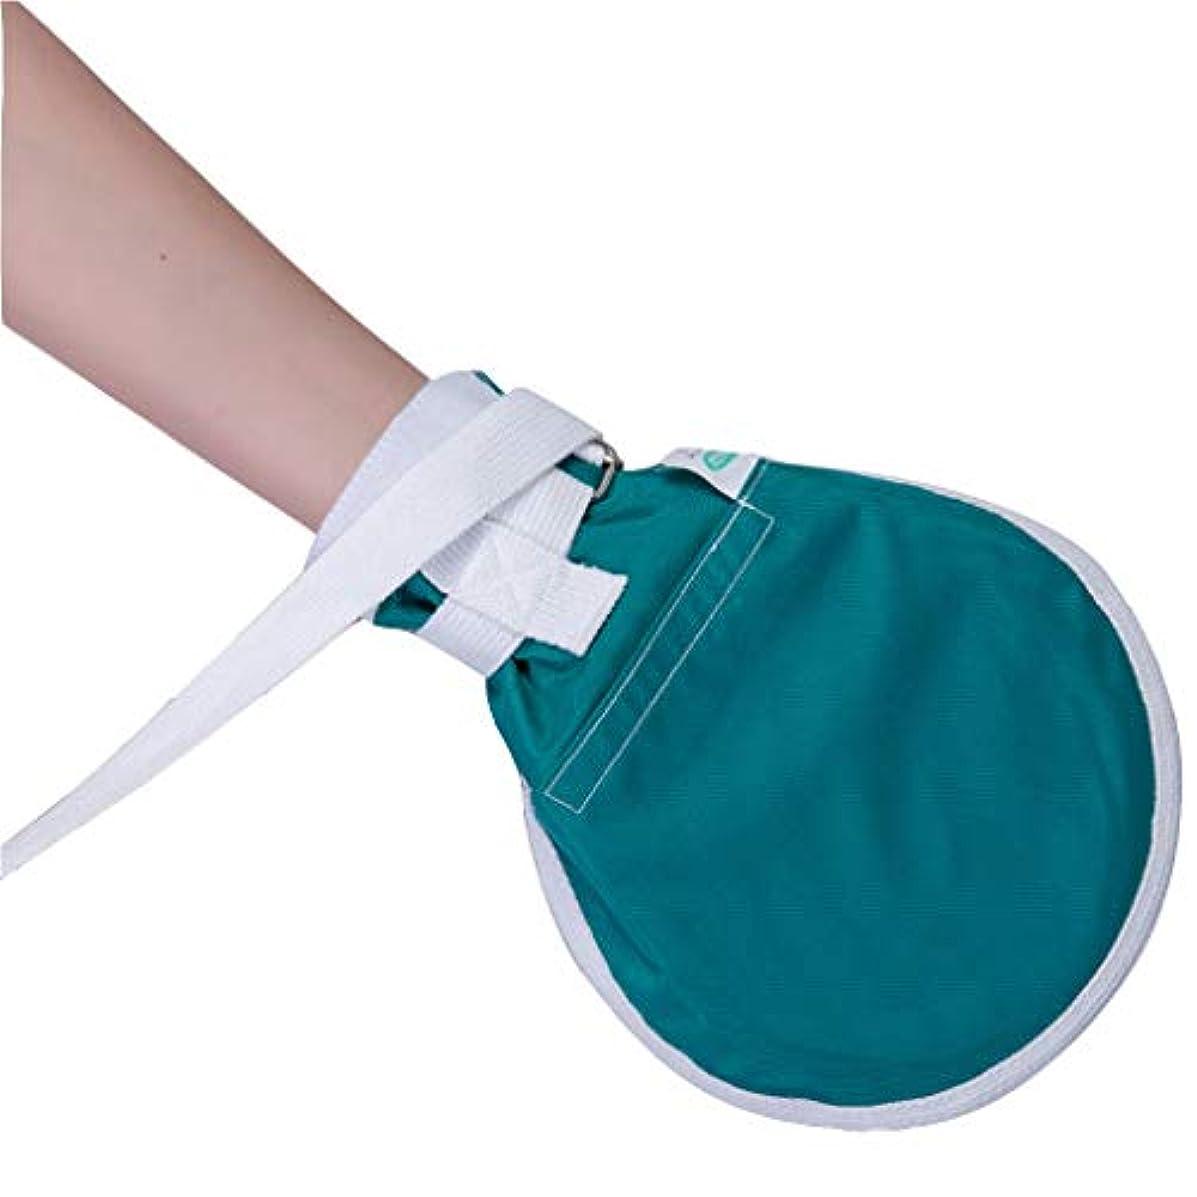 アノイ一緒に絶妙医療用拘束手袋 - 予防患者の傷自己牽引式引っ張りチューブ、自己怪我、ベッドレスト